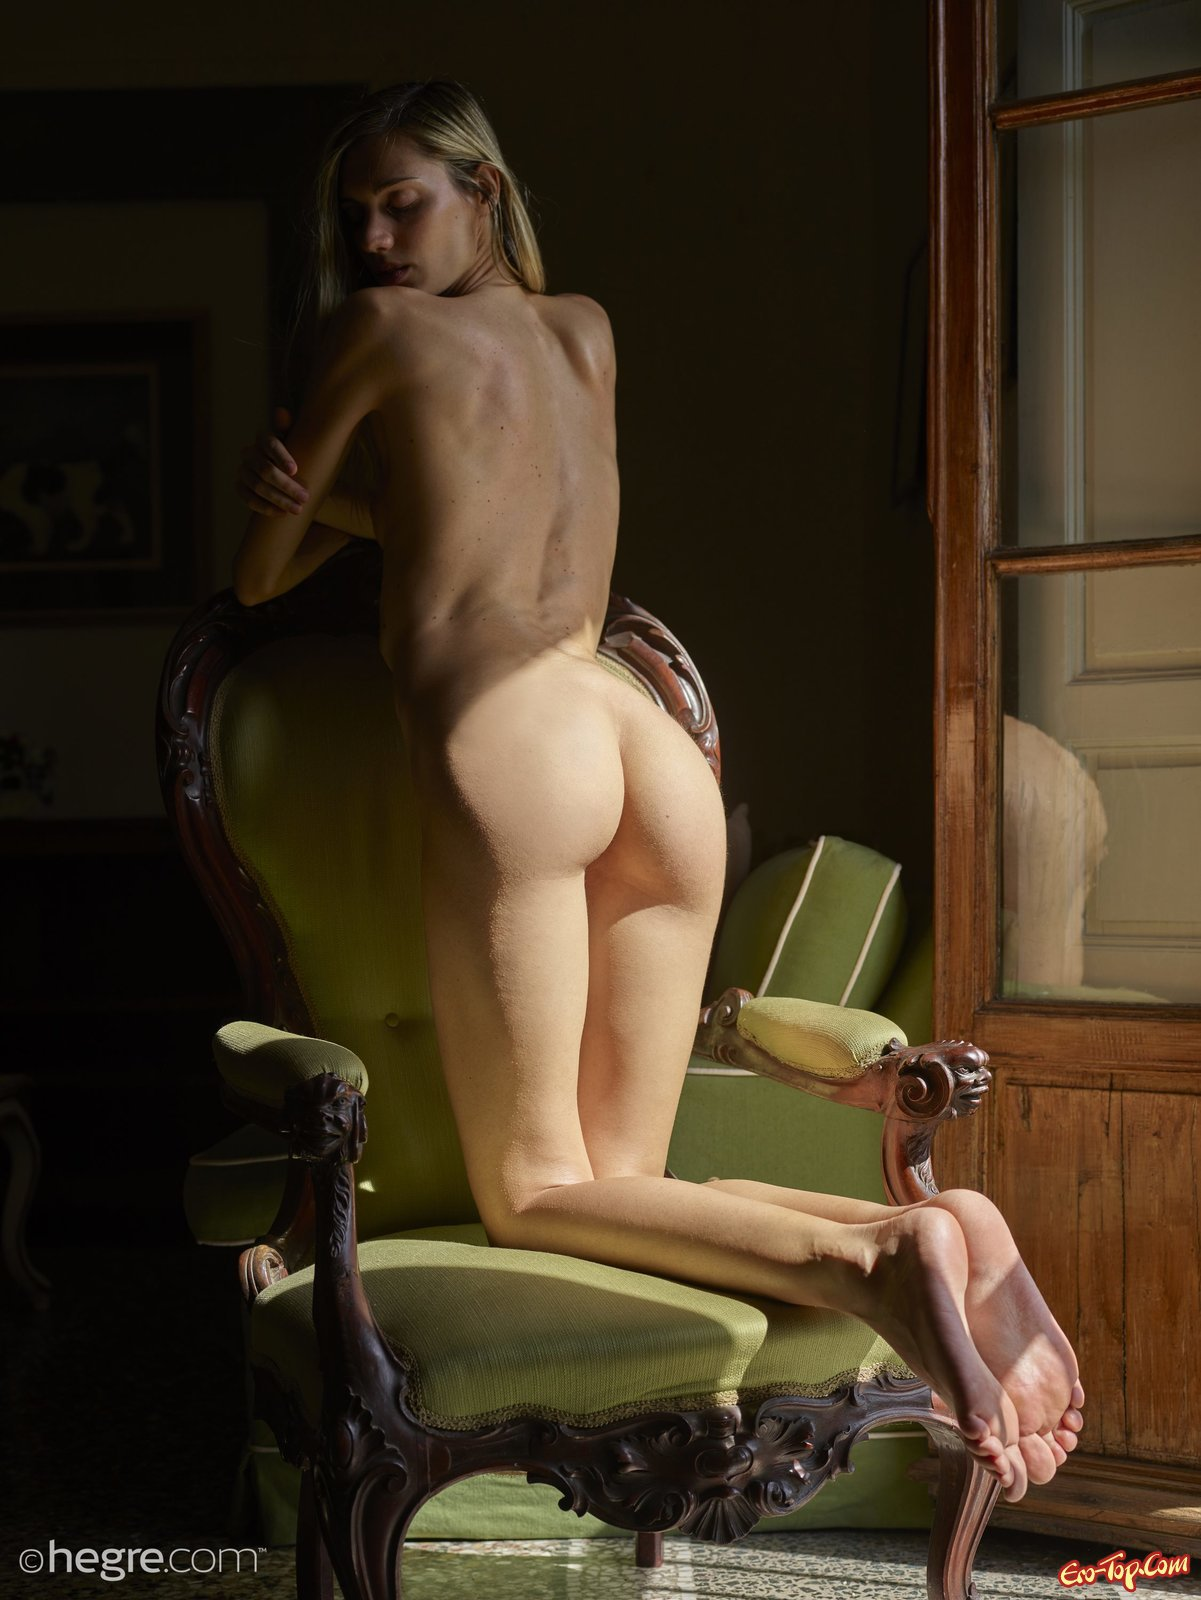 Тощая голая девушка почти без сисек позирует у окна